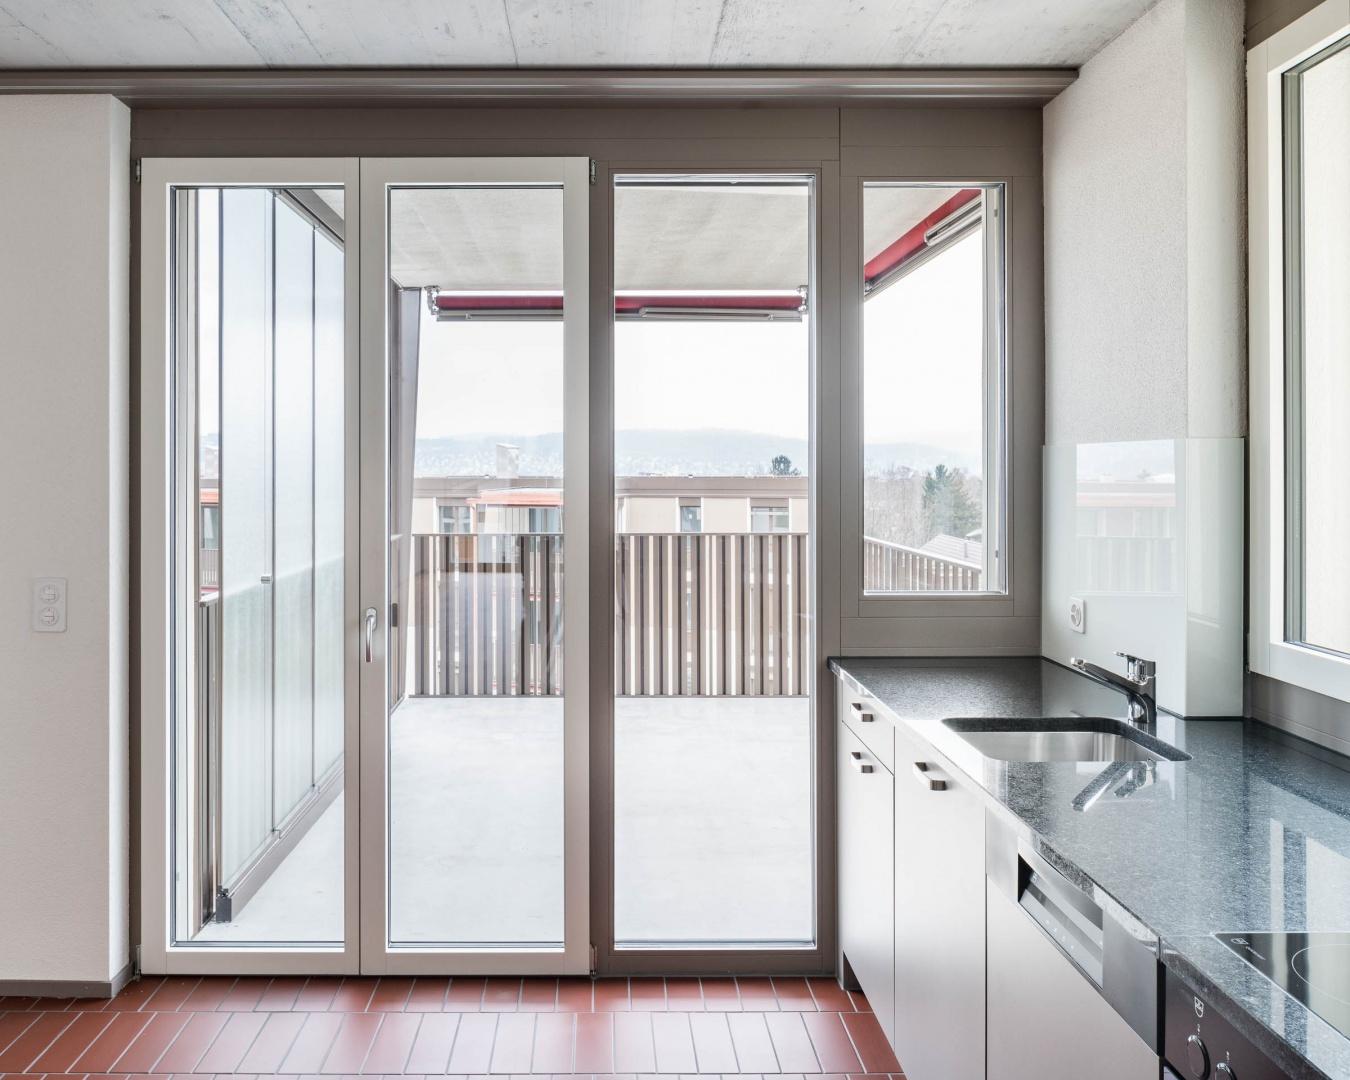 Küche mit Balkon © Foto: Roman Keller